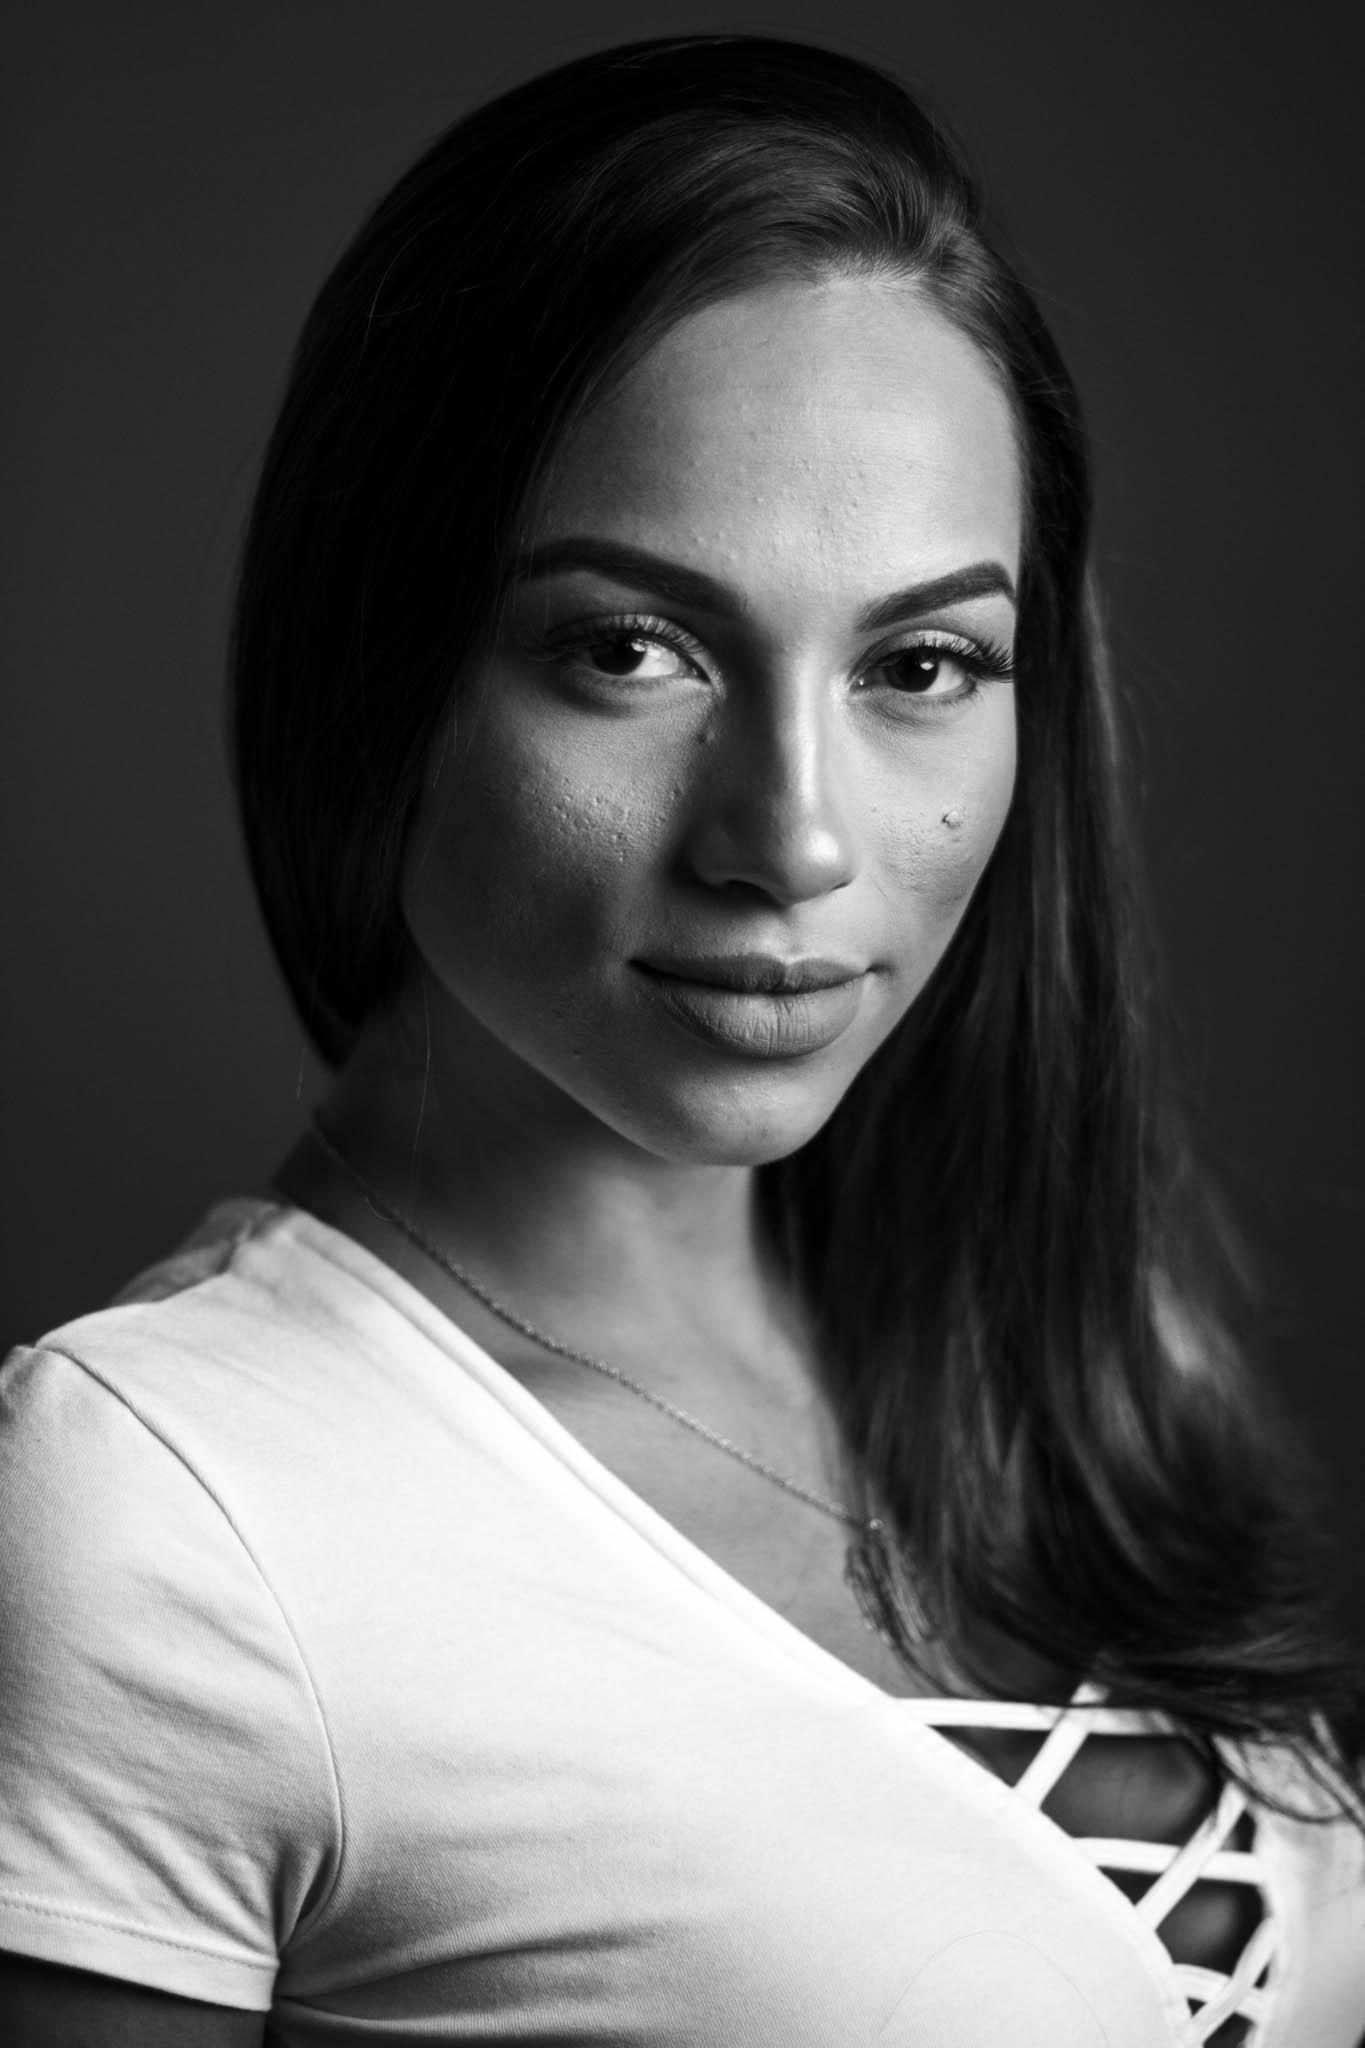 Ruby Martinez by Thomas Sawyer